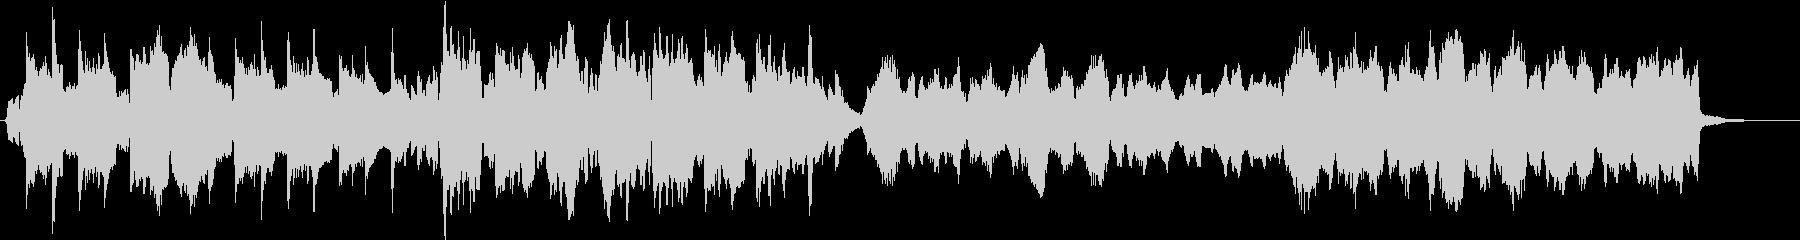 ほのぼとした描写スケッチオーケストラの未再生の波形